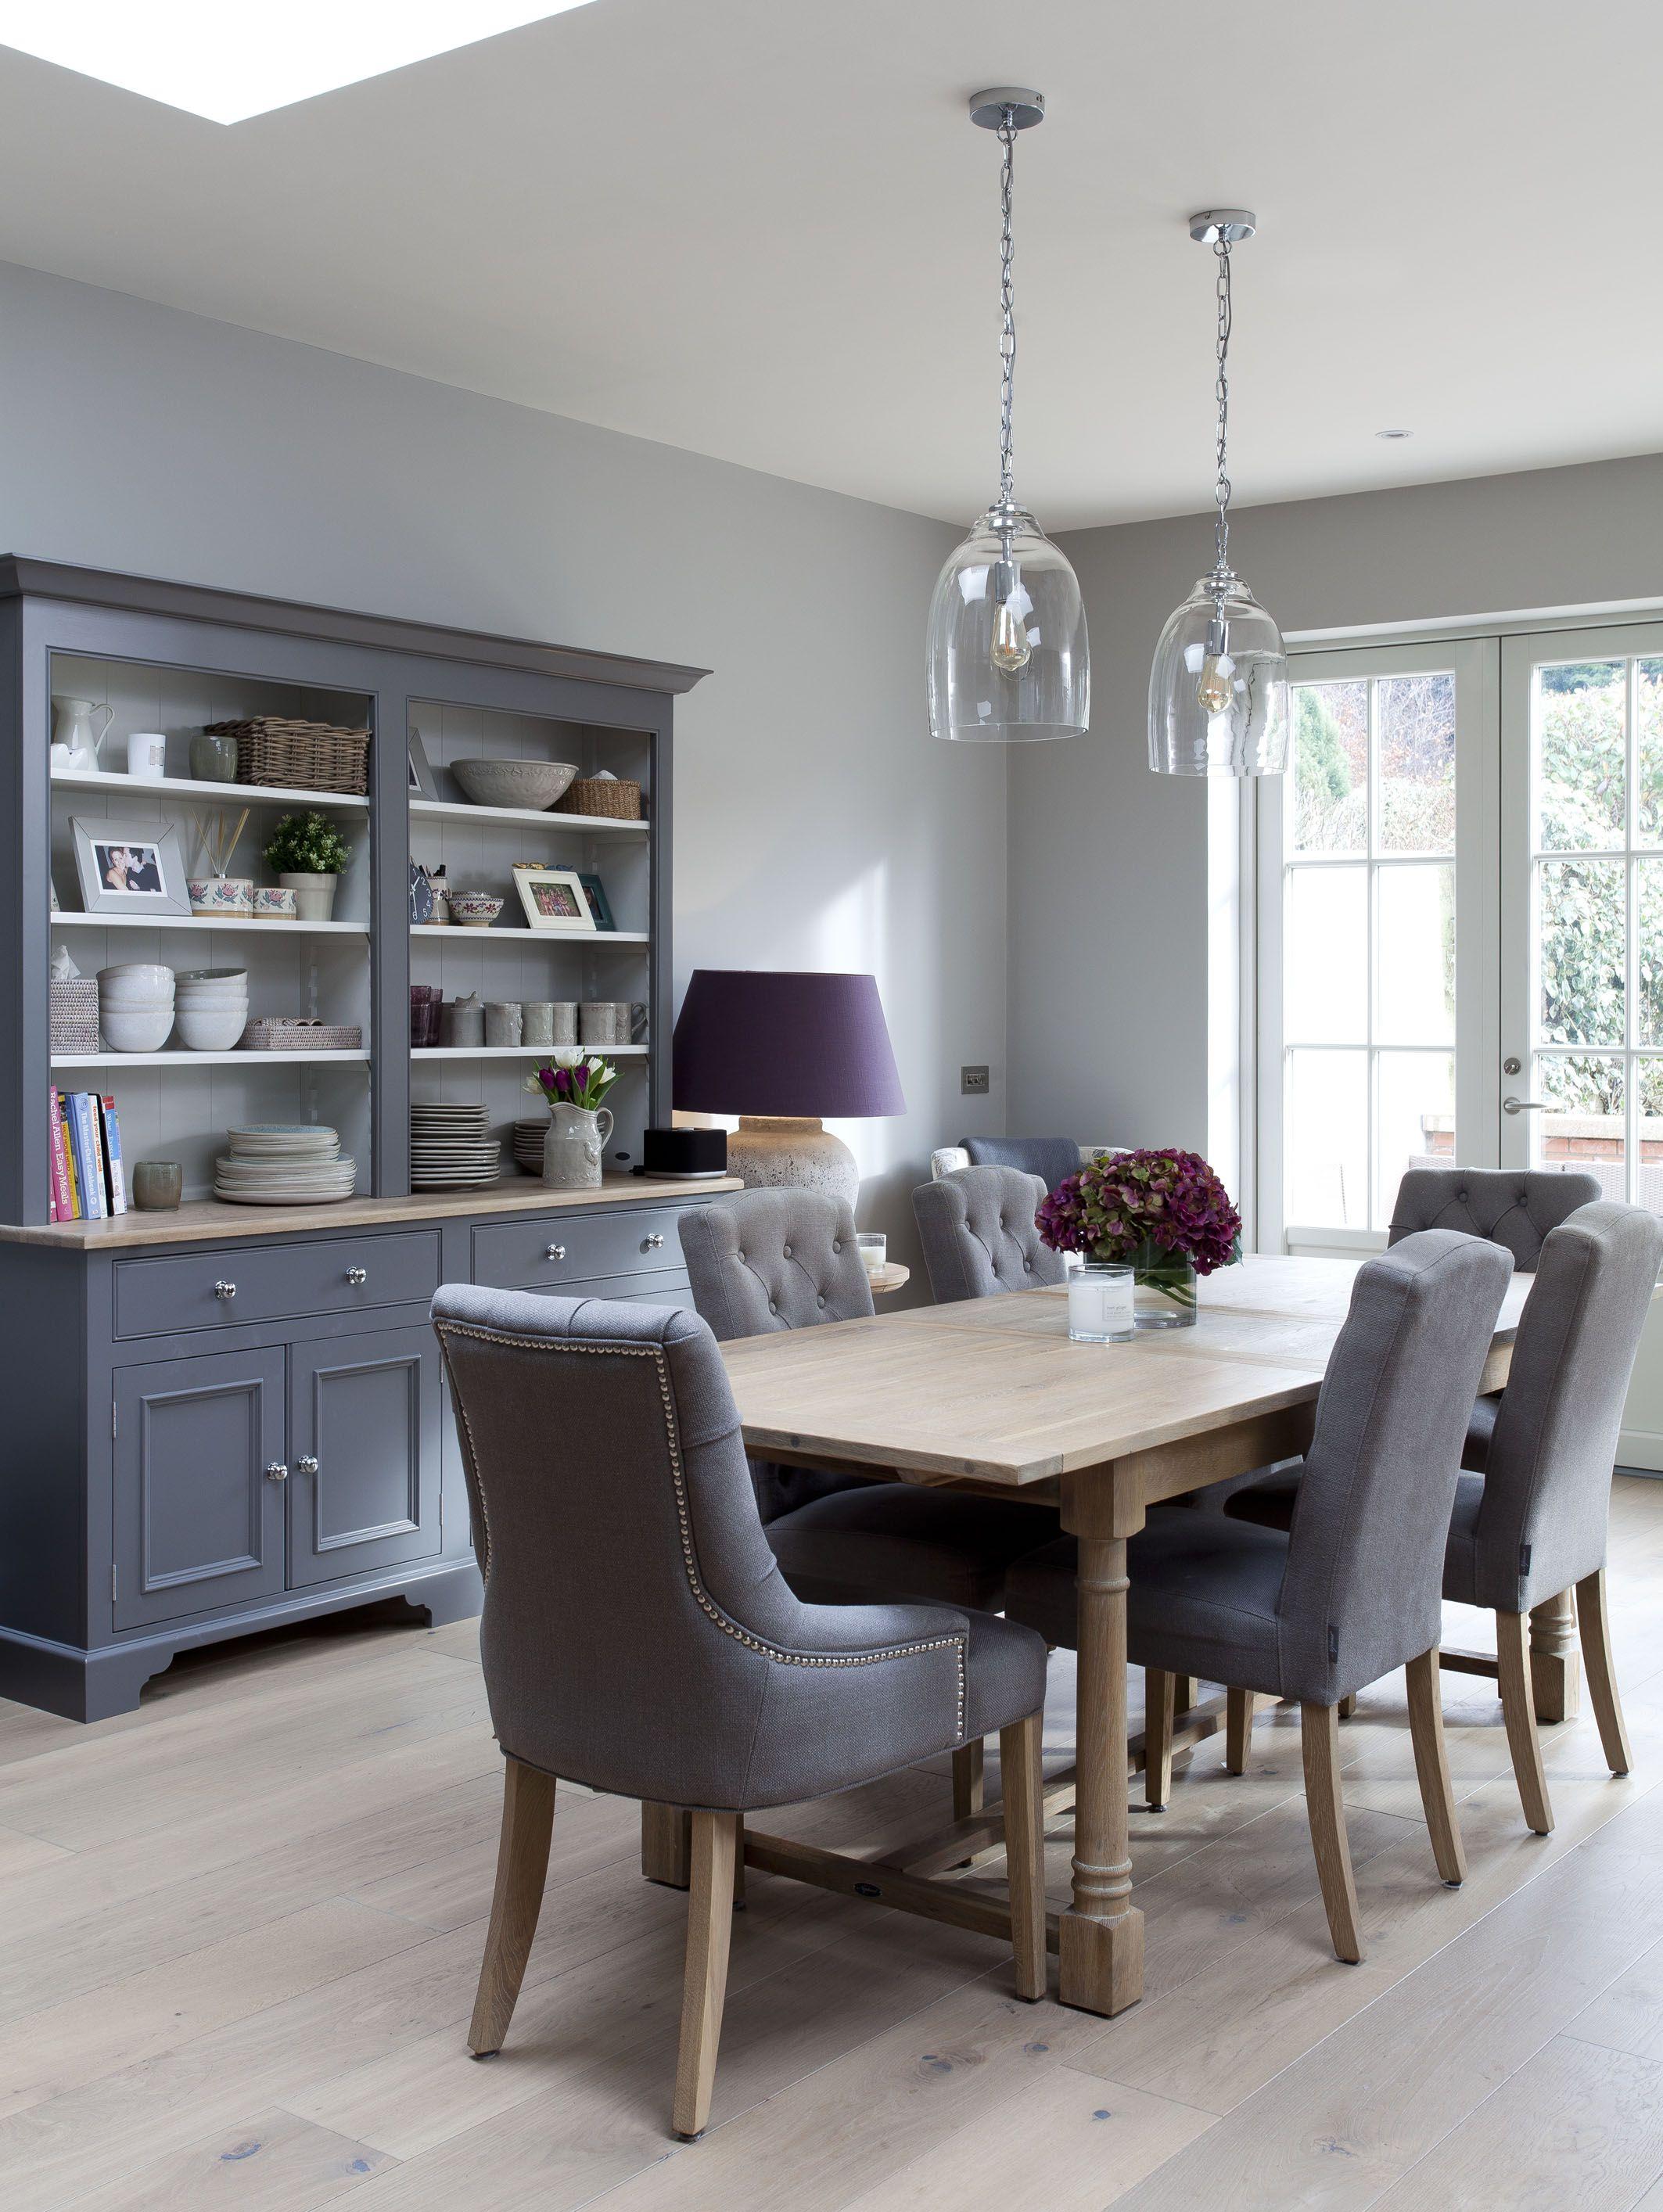 Chichester in Mt Merrion | Neptune kitchen, Home, New kitchen